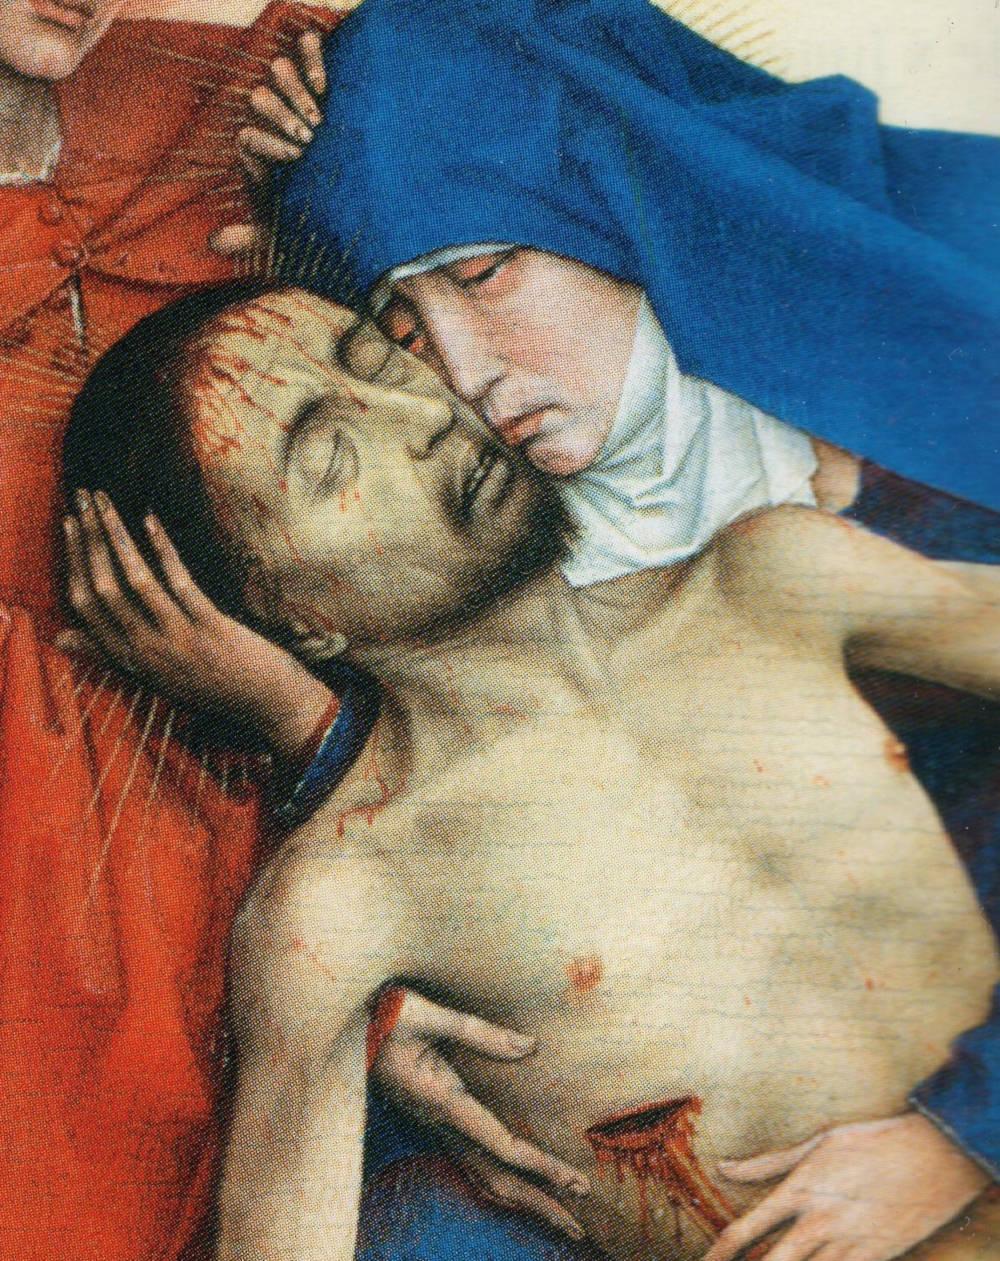 Chercher l'inconsolable (Detail of La Piéta, Rogier van der Weyden, Musées Royaux des Beaux-Arts, Bruxelles)